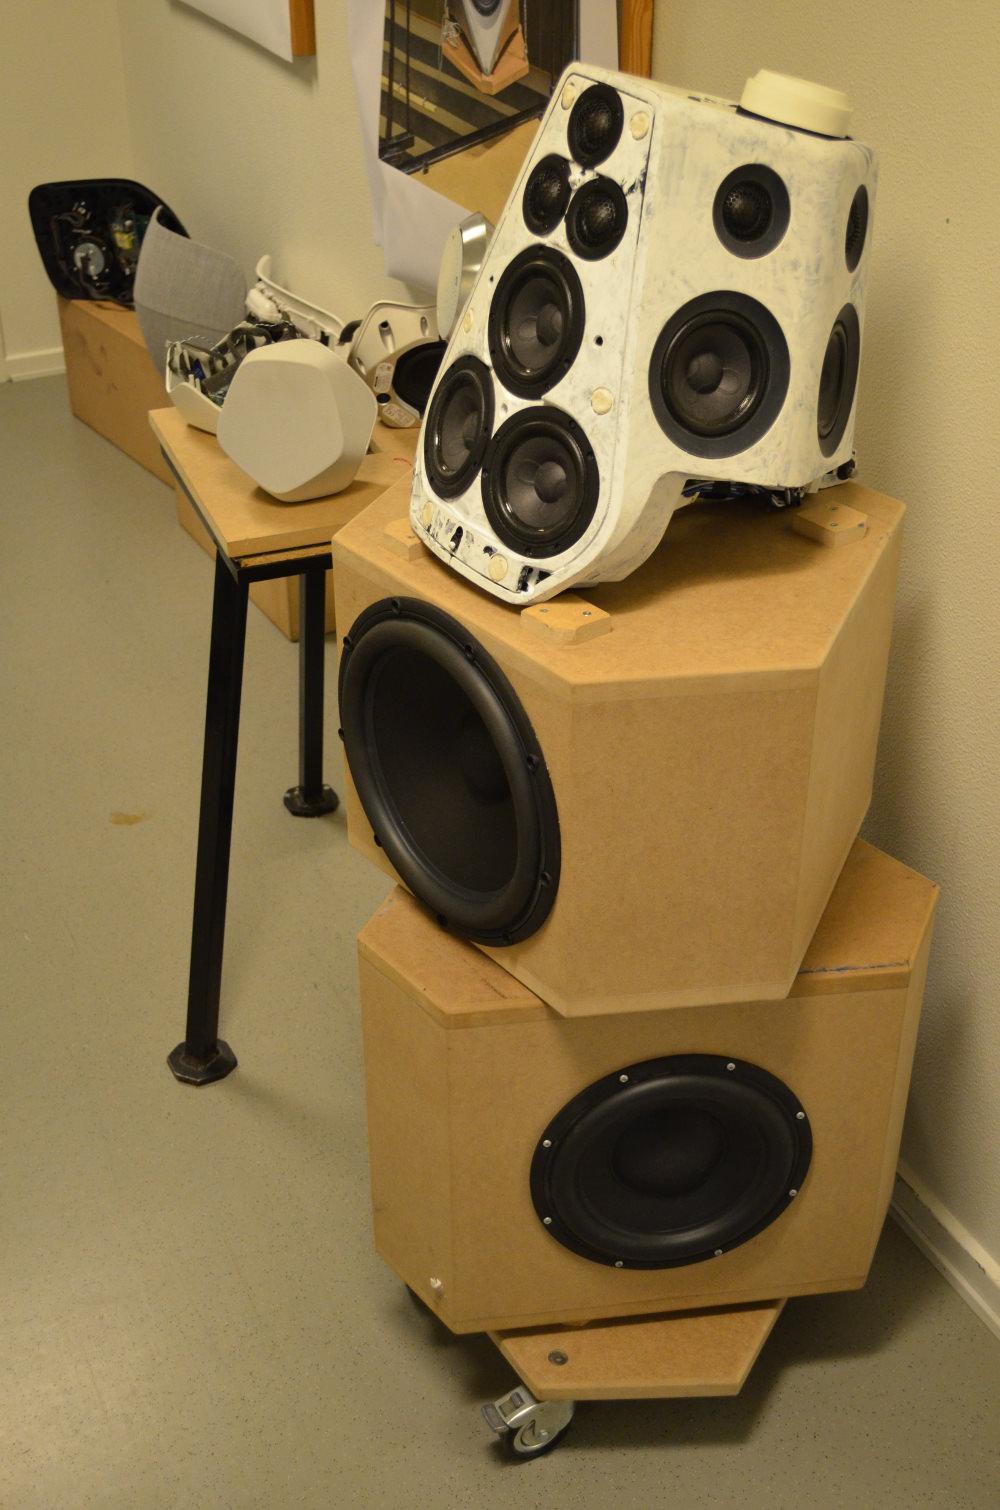 Prototypes BeoLab 90 speaker Bang & olufsen